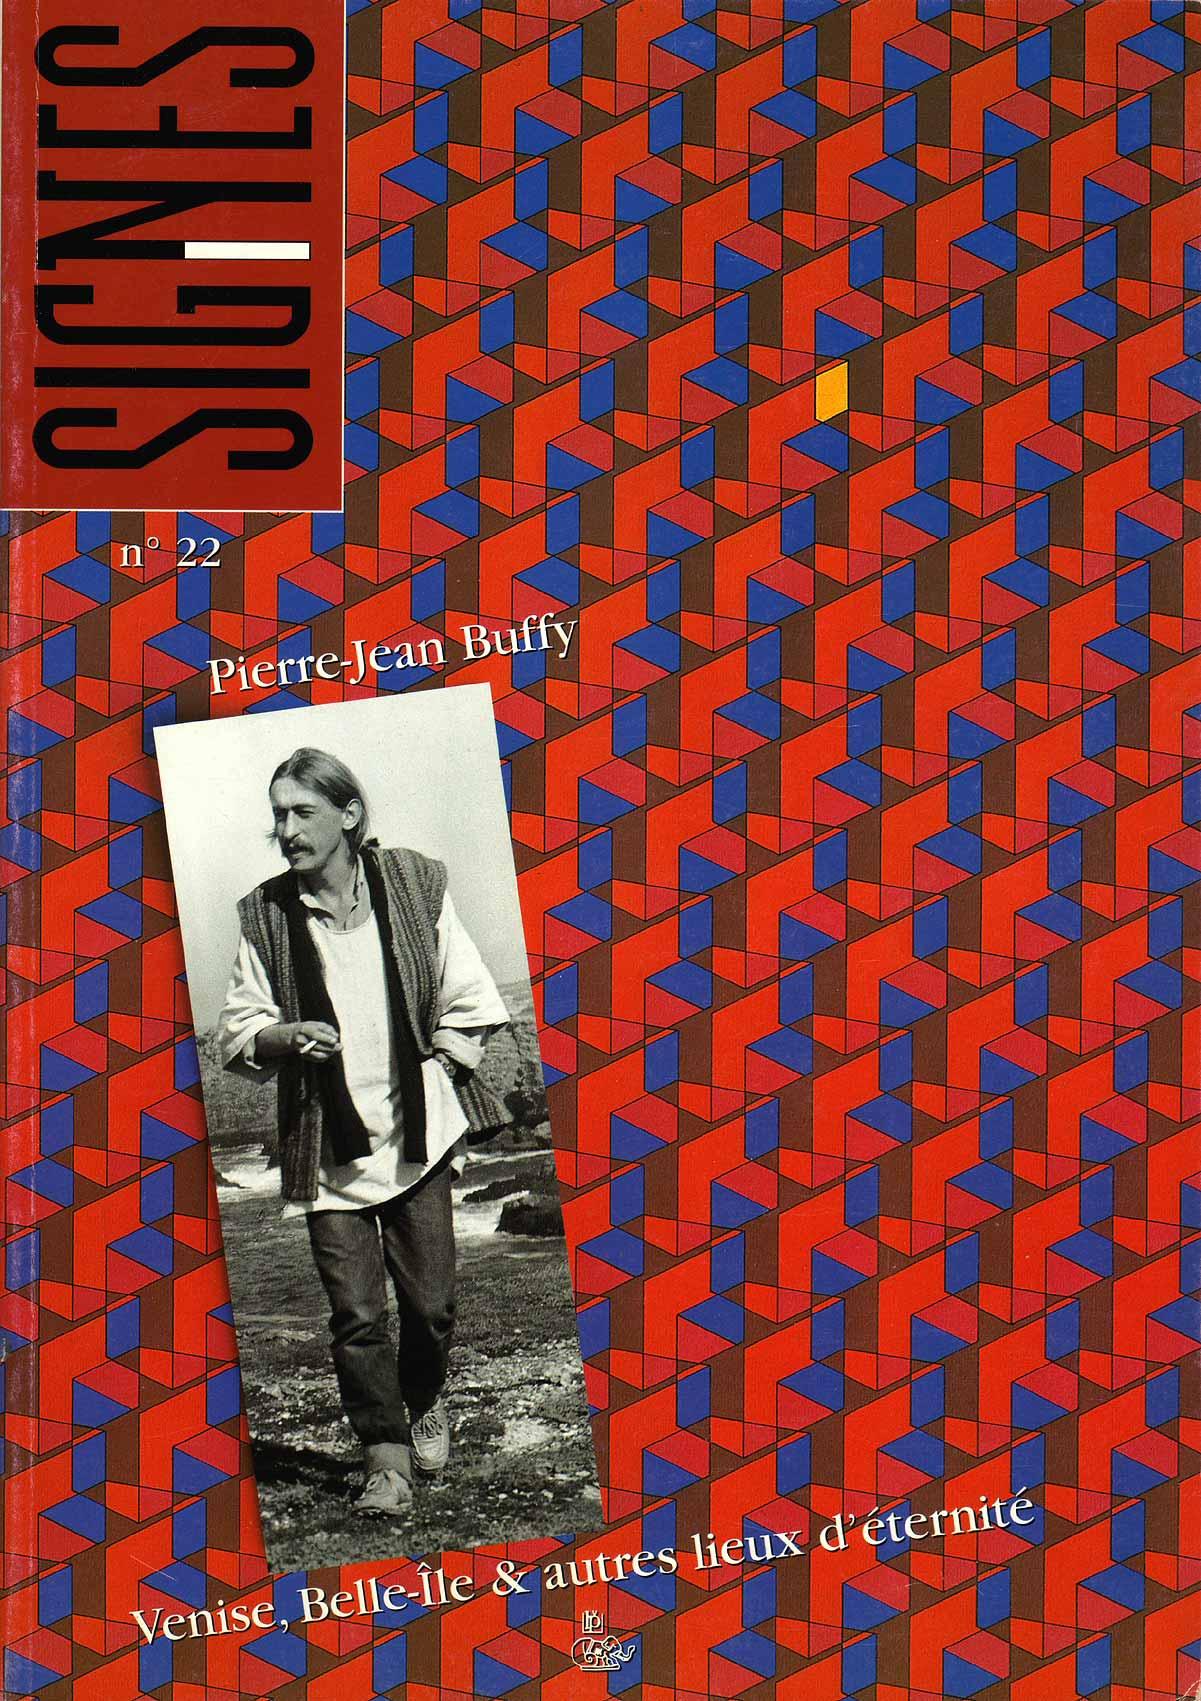 Revue Signes n°22, en hommage à Pierre-Jean Buffy, Le Petit Véhicule, 1998